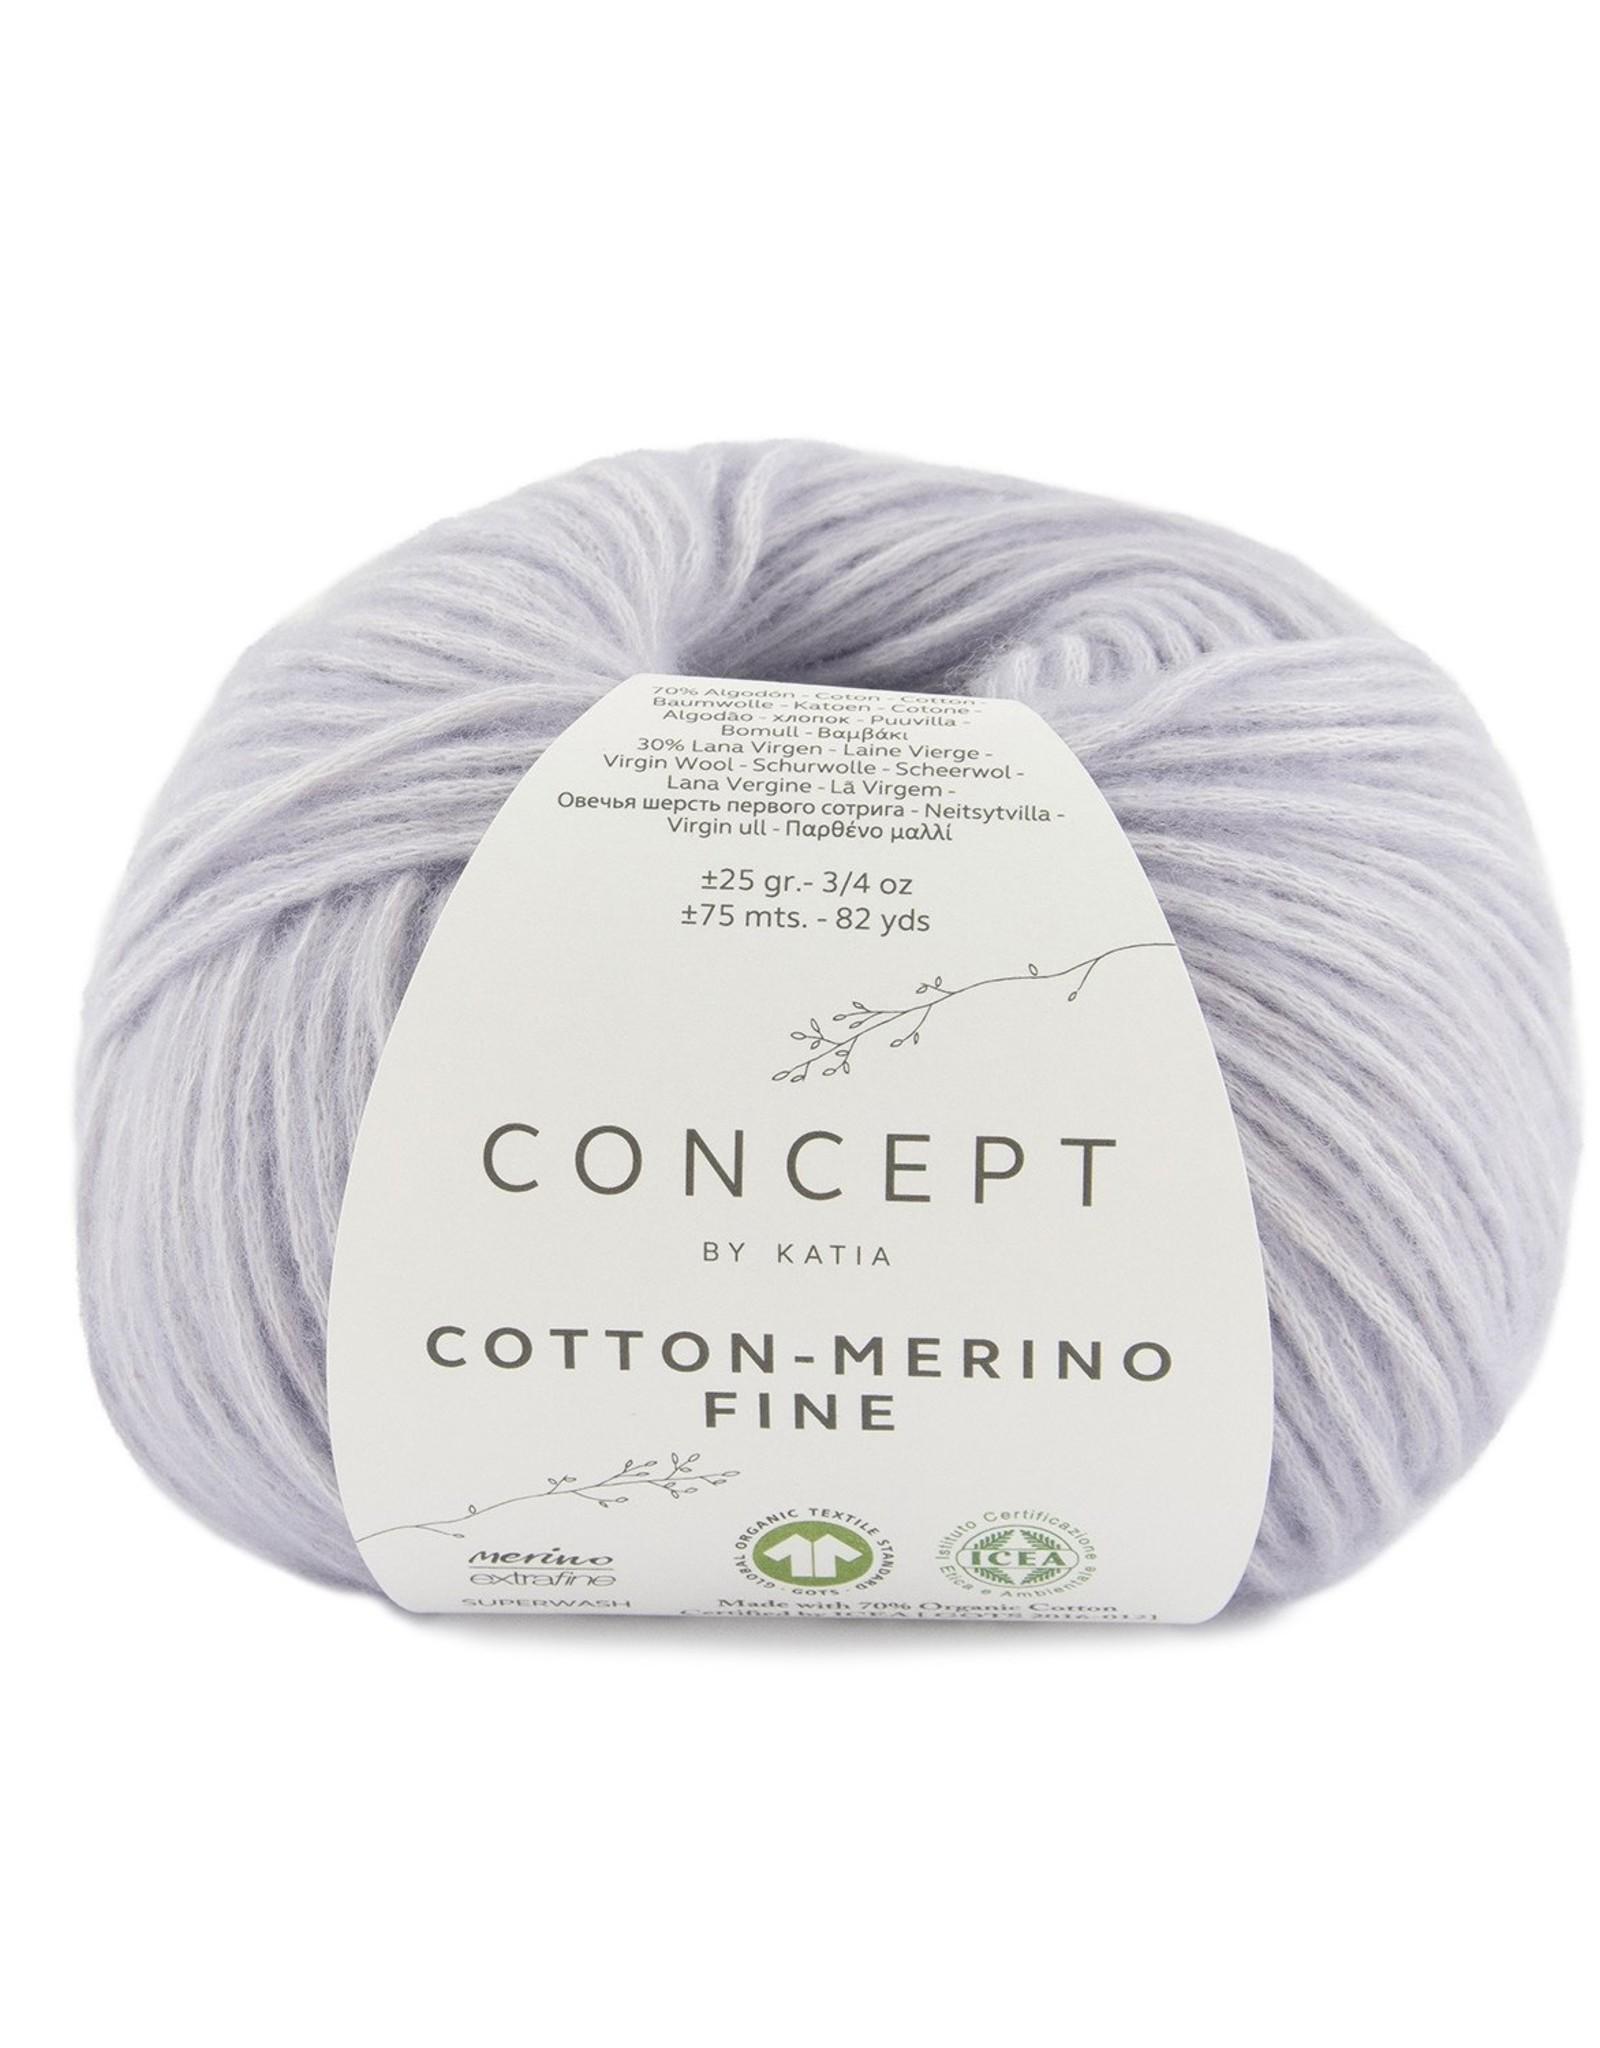 Katia Cotton-Merino Fine